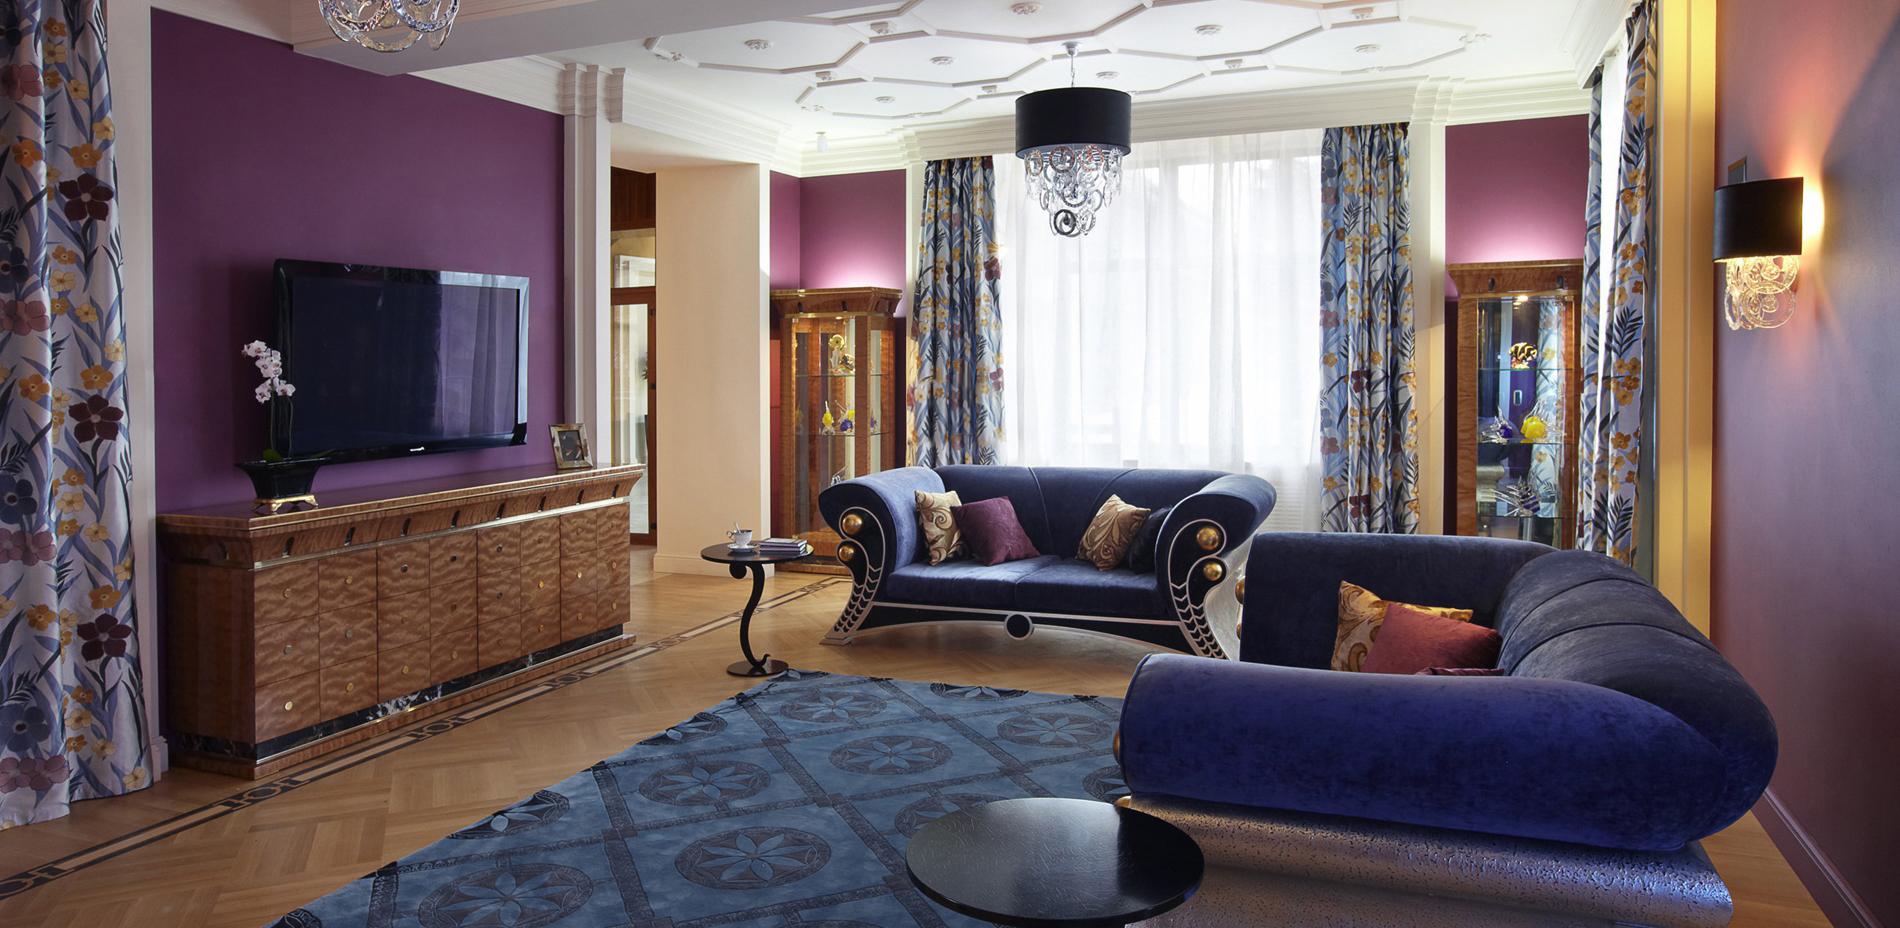 Синие диваны в стиле арт-деко в гостиной